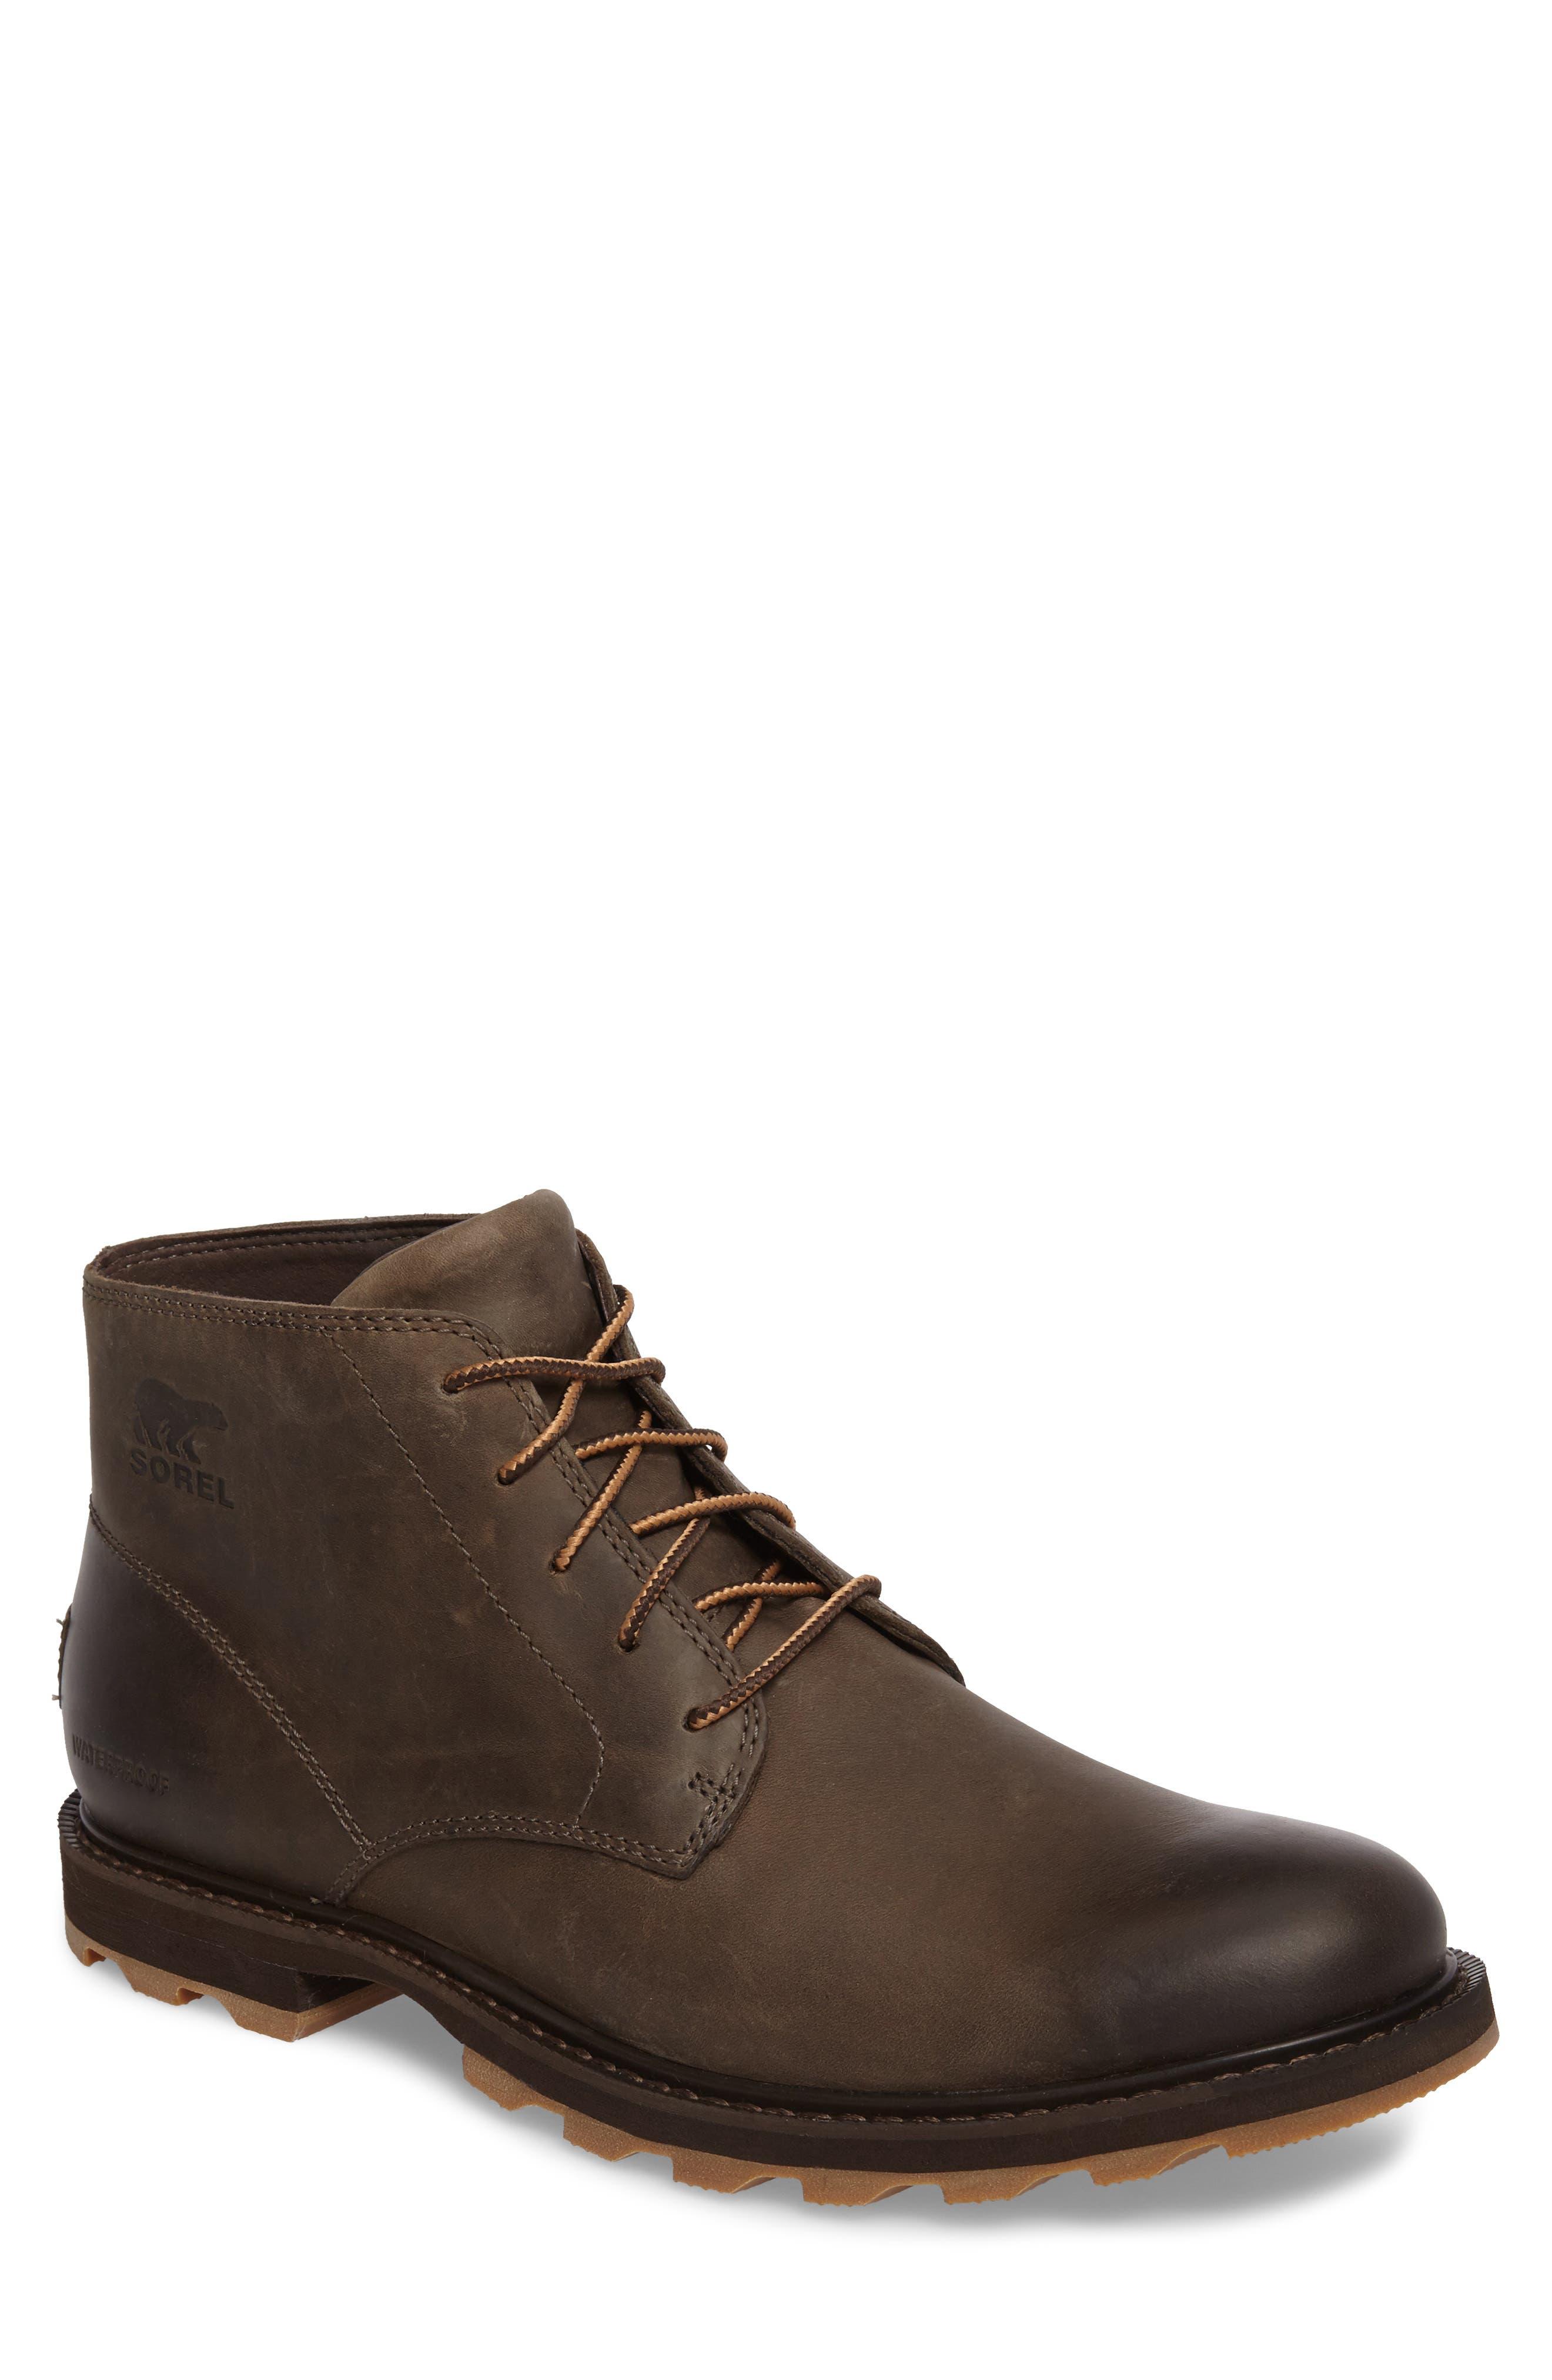 Sorel Madson Waterproof Boot, Brown